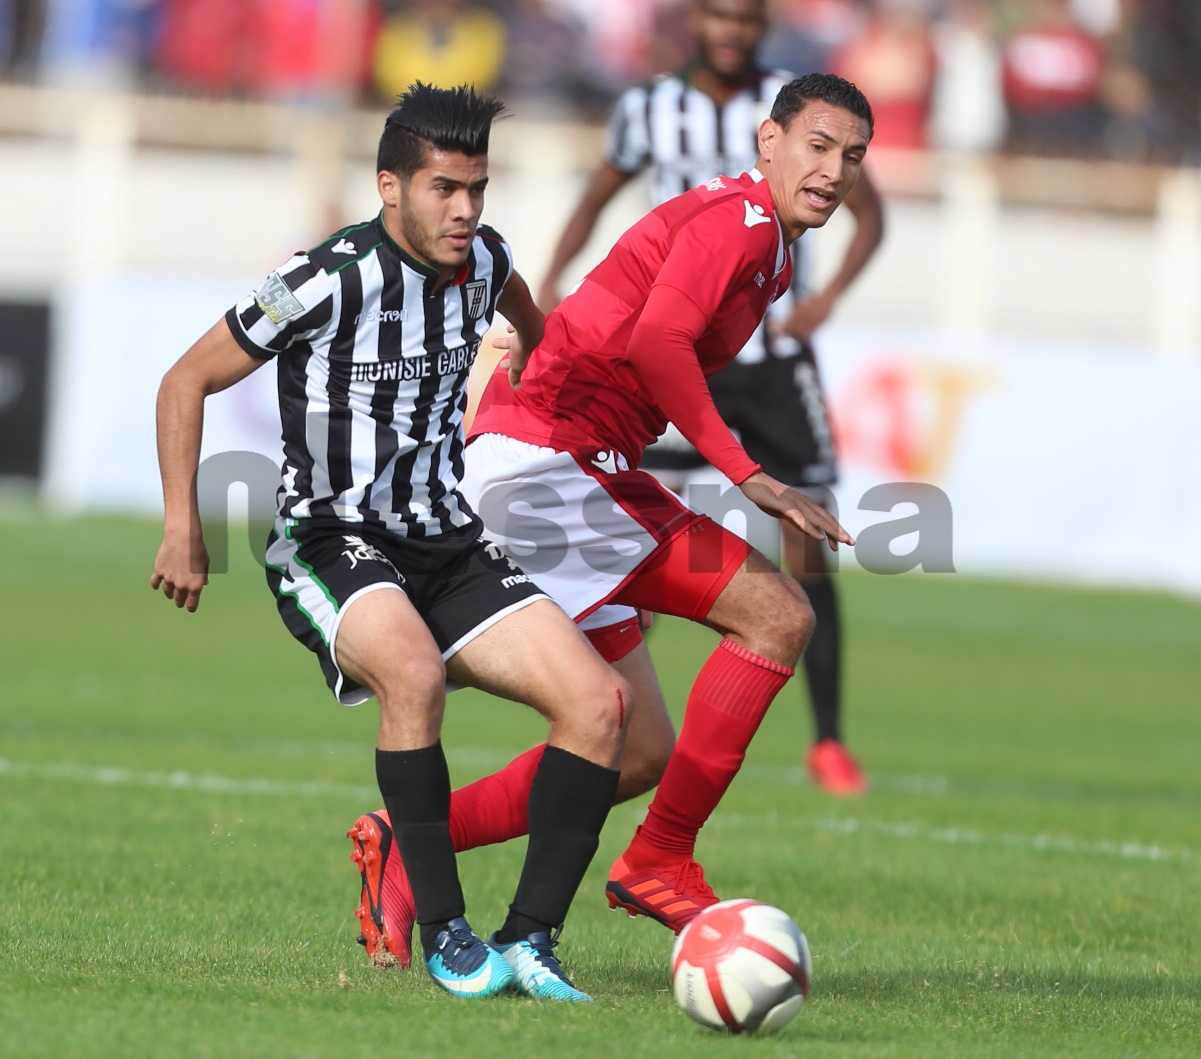 صور الشوط الأول من مباراة النجم الساحلي و النادي الصفاقسي